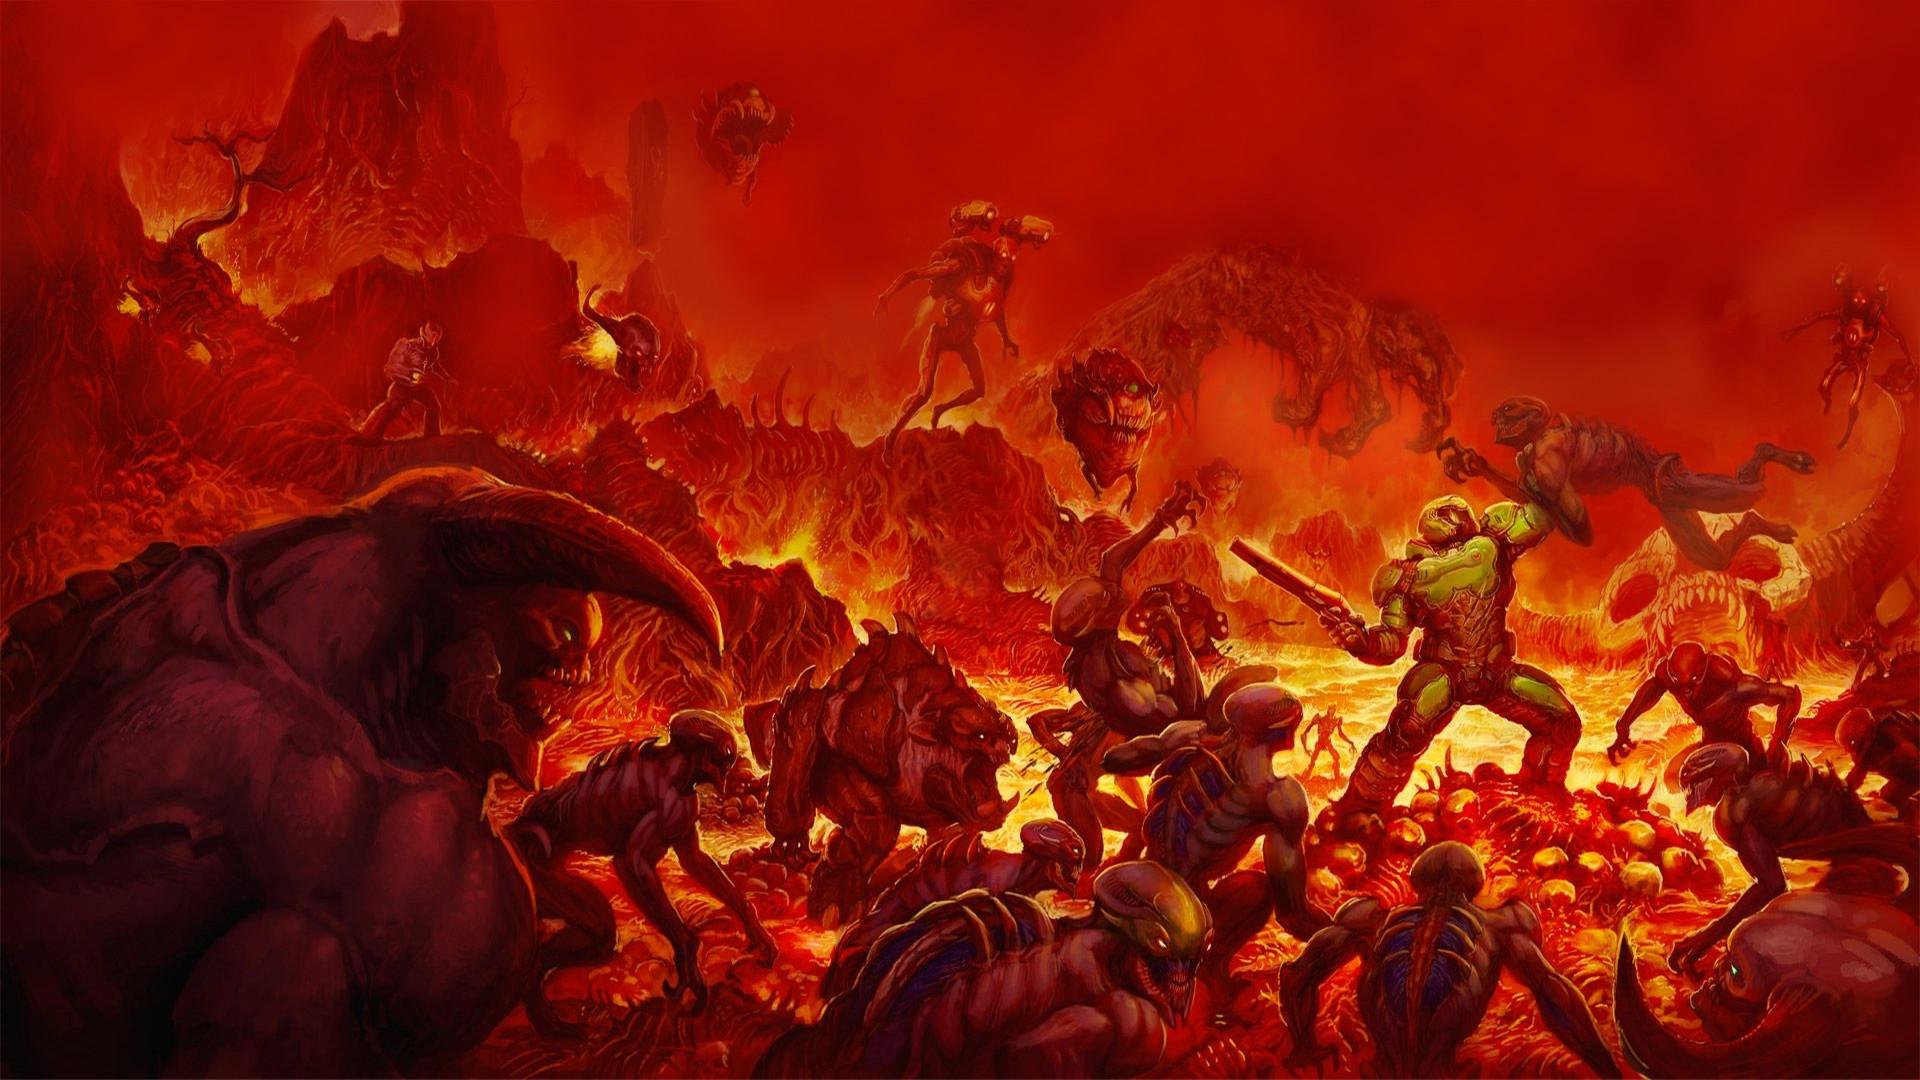 Porque todos amamos Doom y su arte [Video ilustrativo]